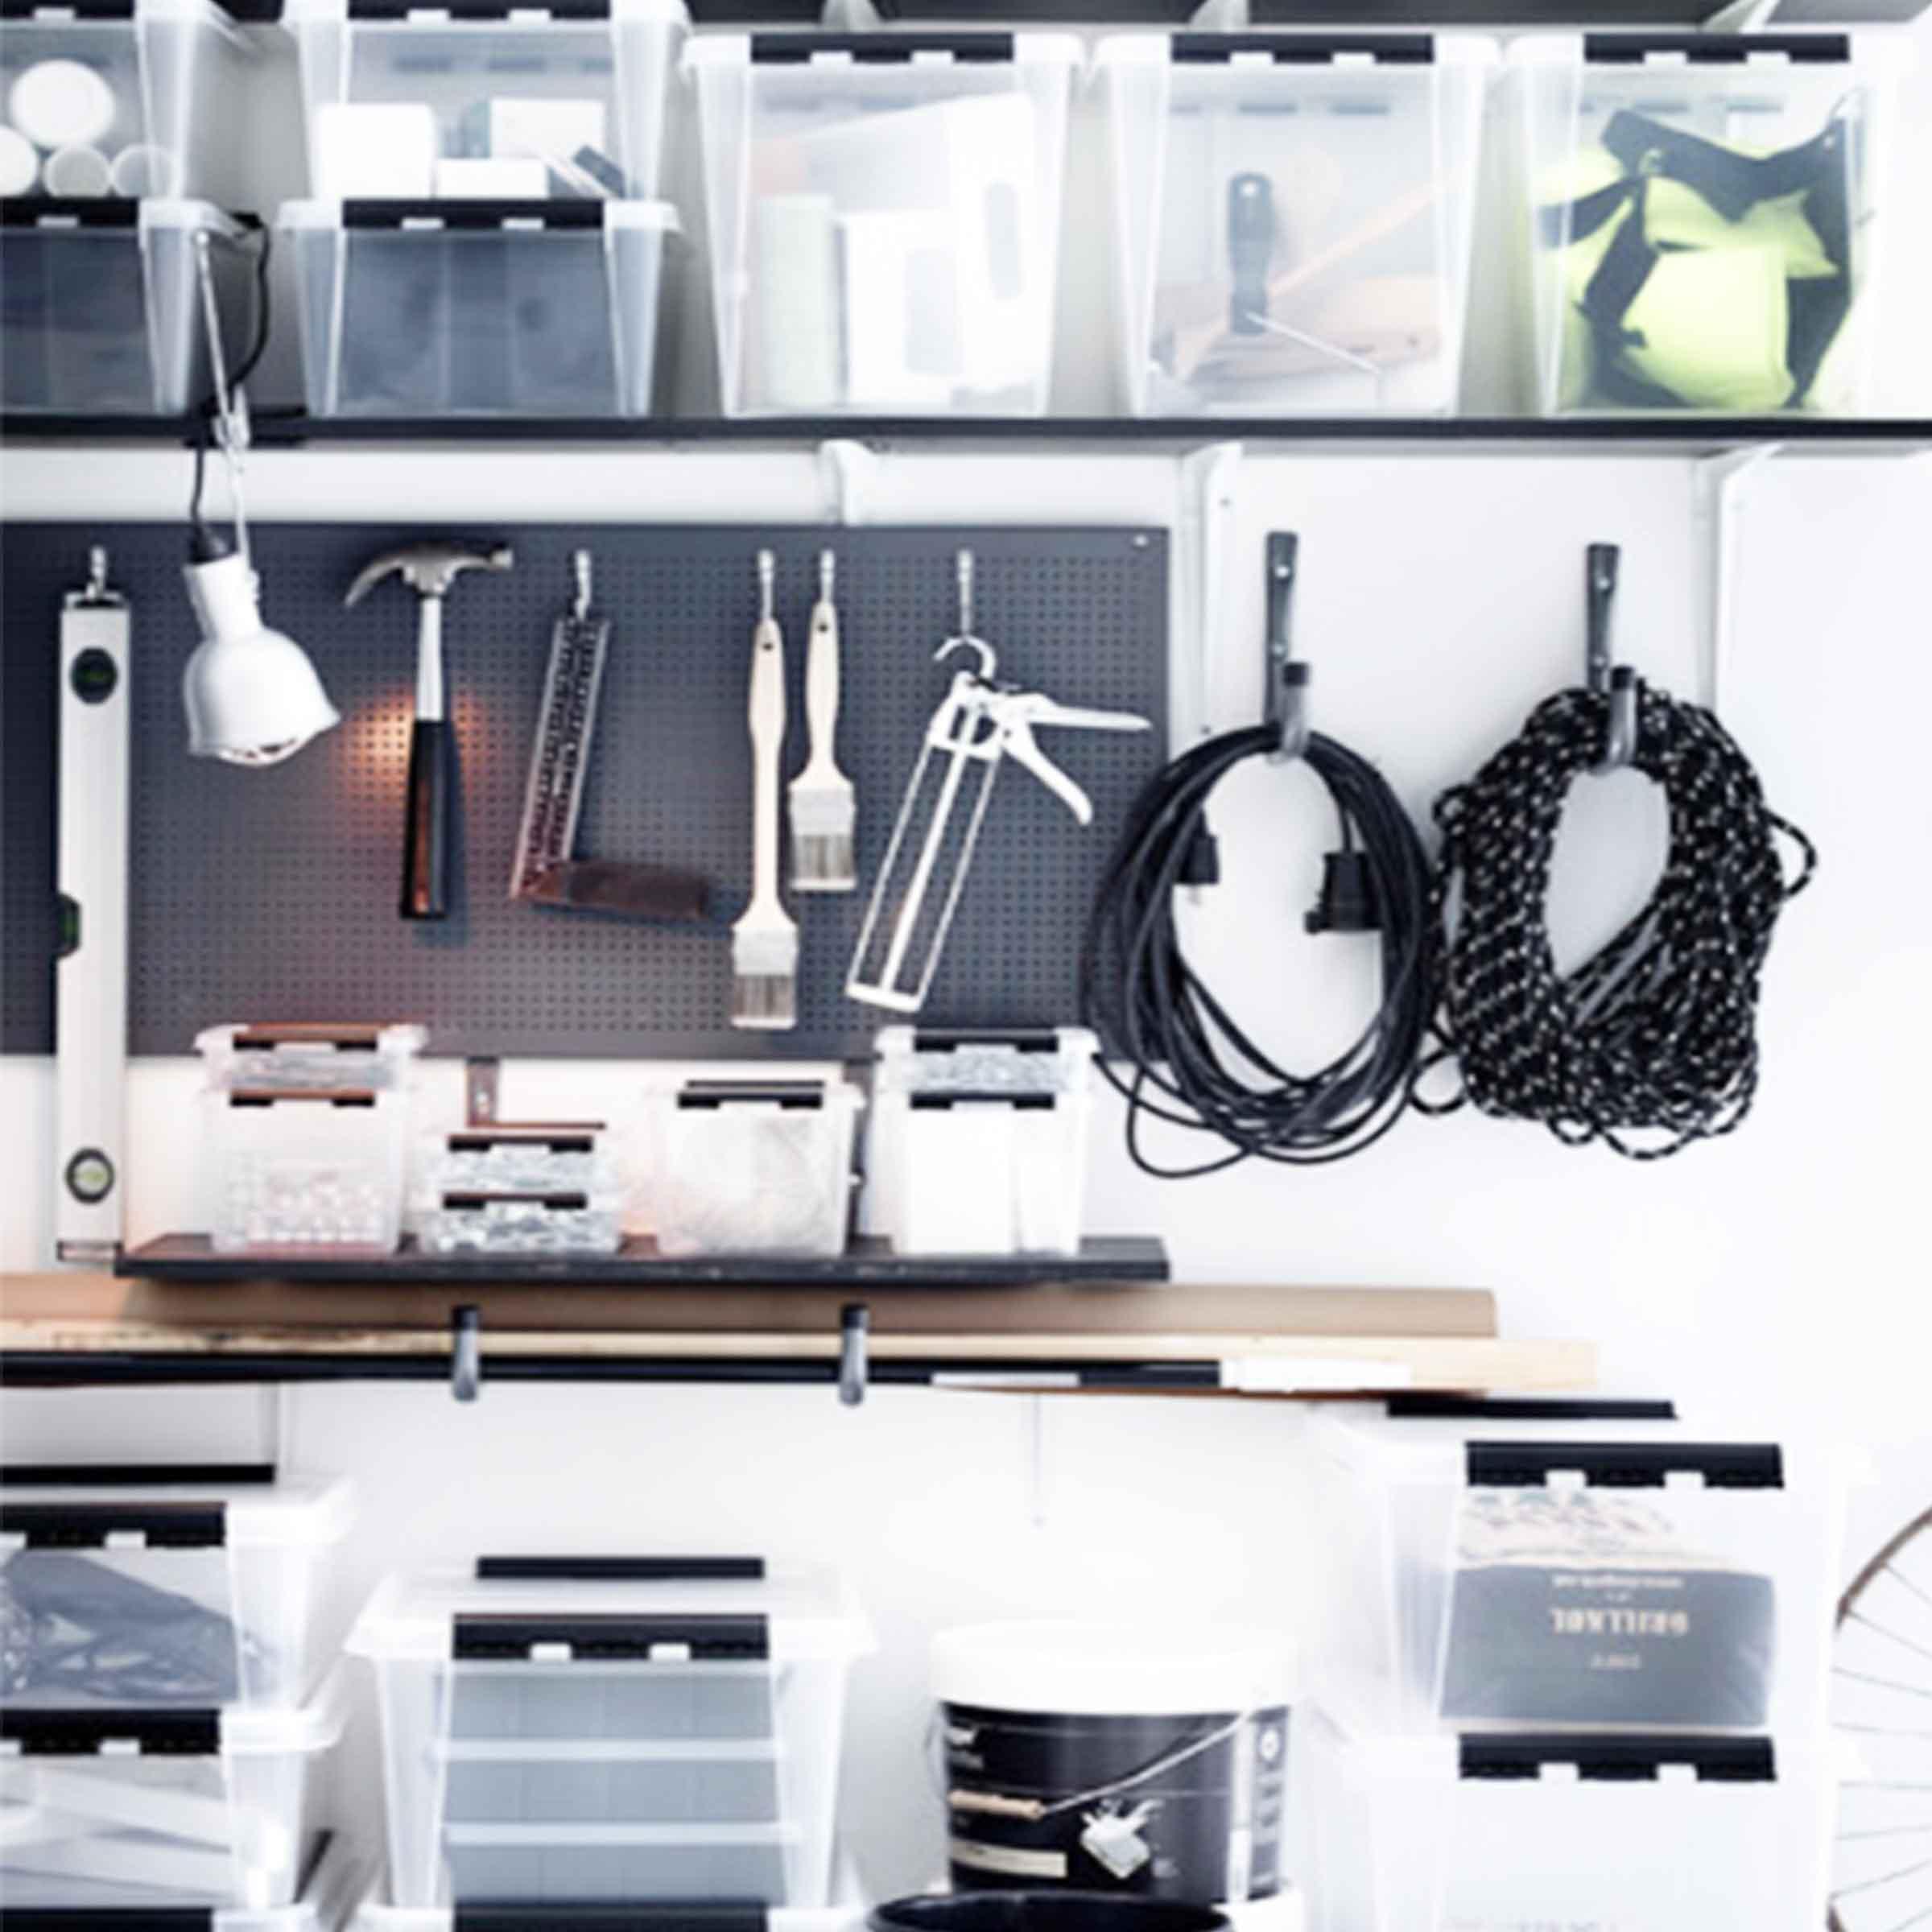 boite de rangement pour outils en plastique blanc translucide avec 2 poignées et couvercle